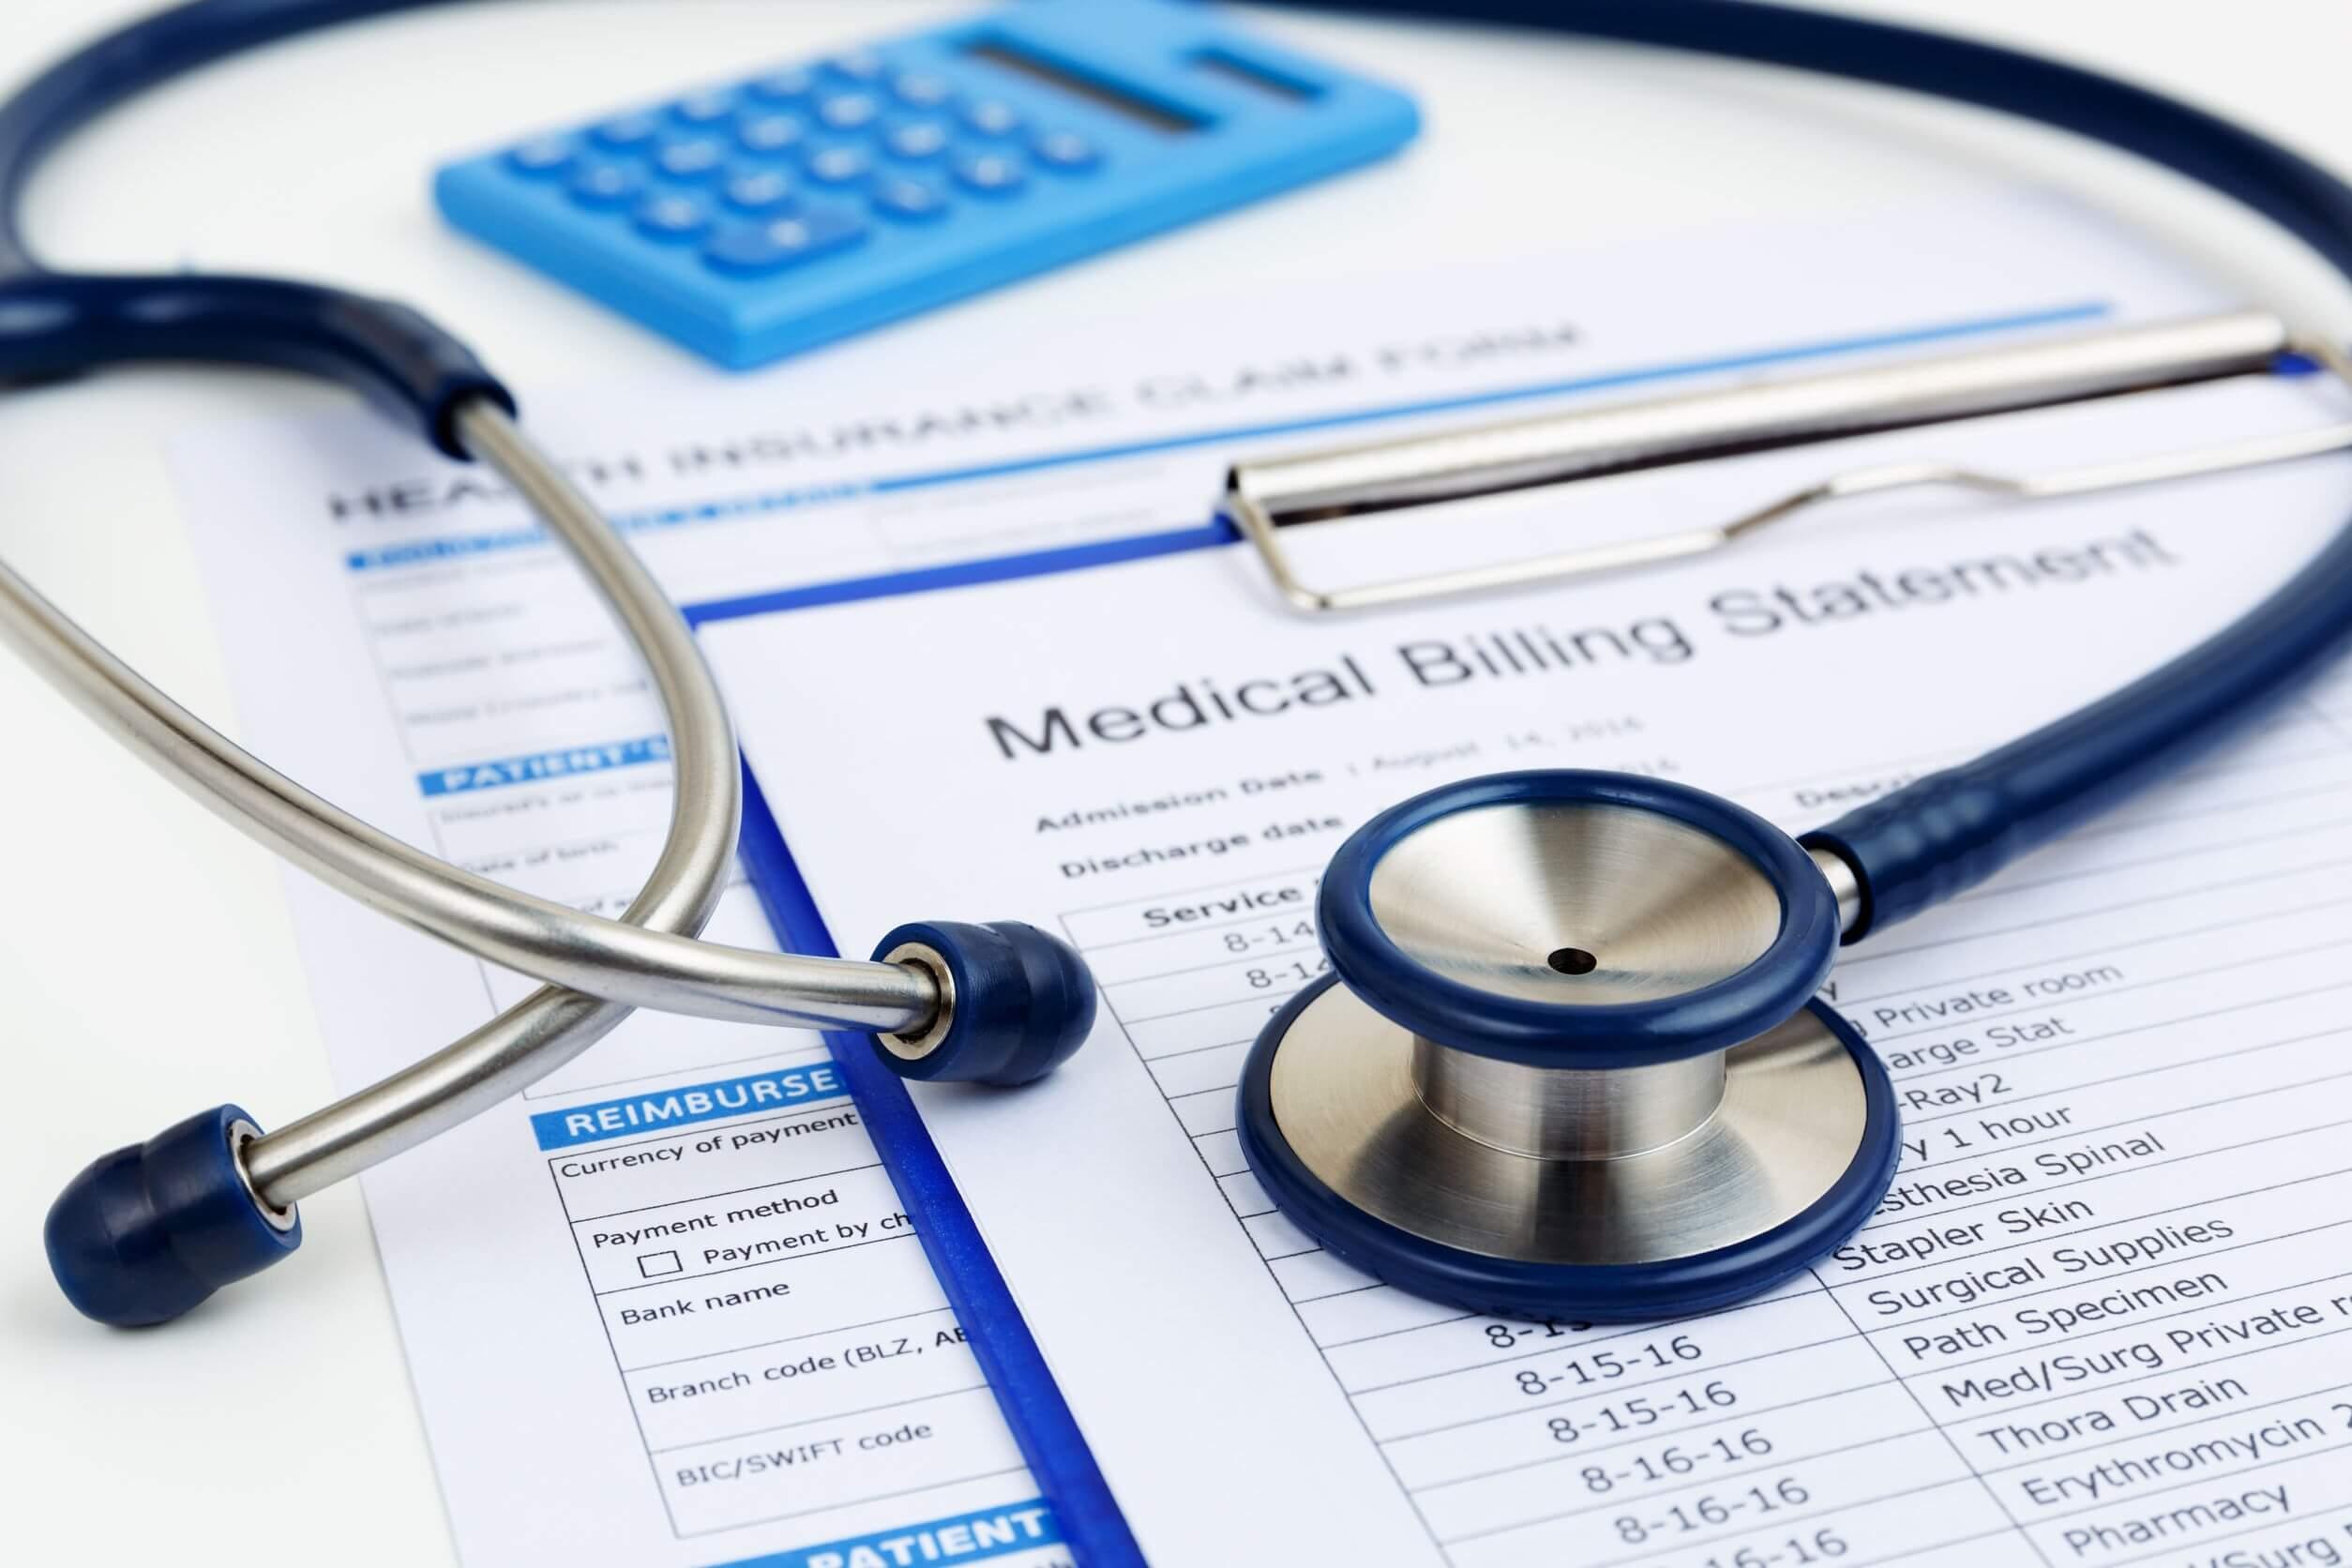 اهمیت طراحی اپلیکیشن پزشکی